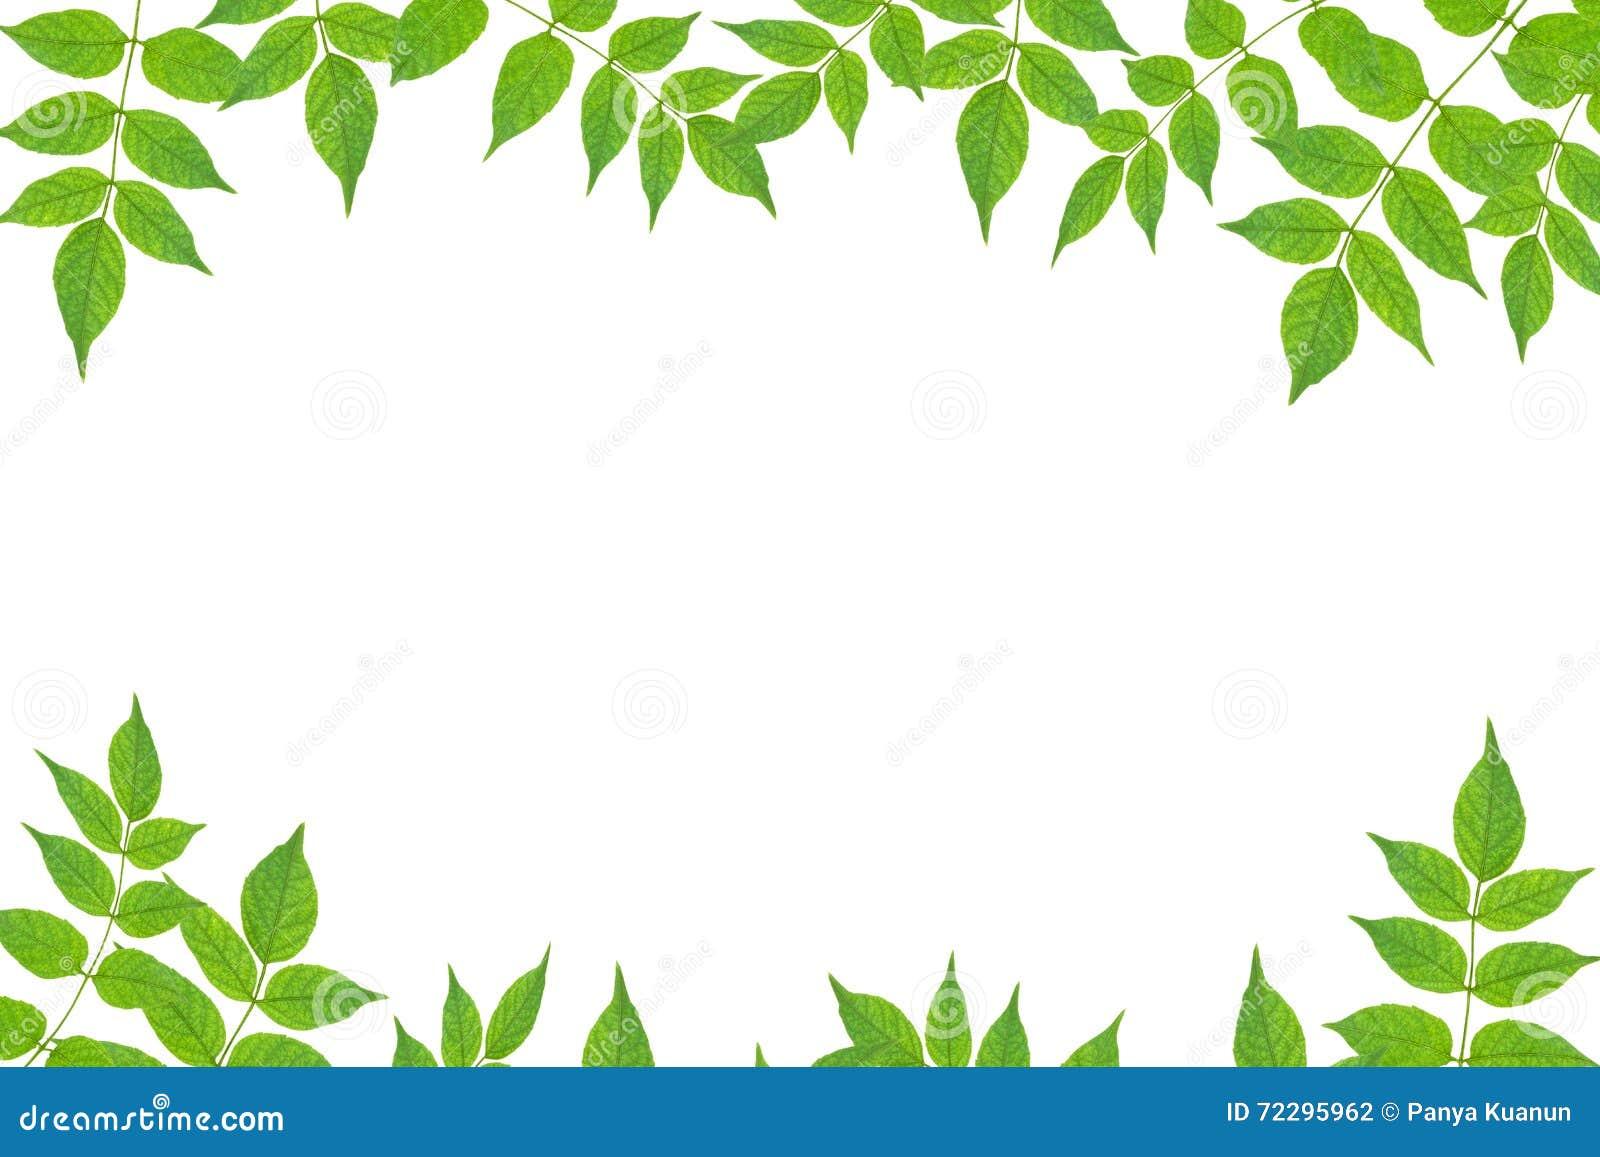 Download Свежая зеленая рамка лист изолированная на белой предпосылке Стоковое Фото - изображение насчитывающей листья, дисплей: 72295962